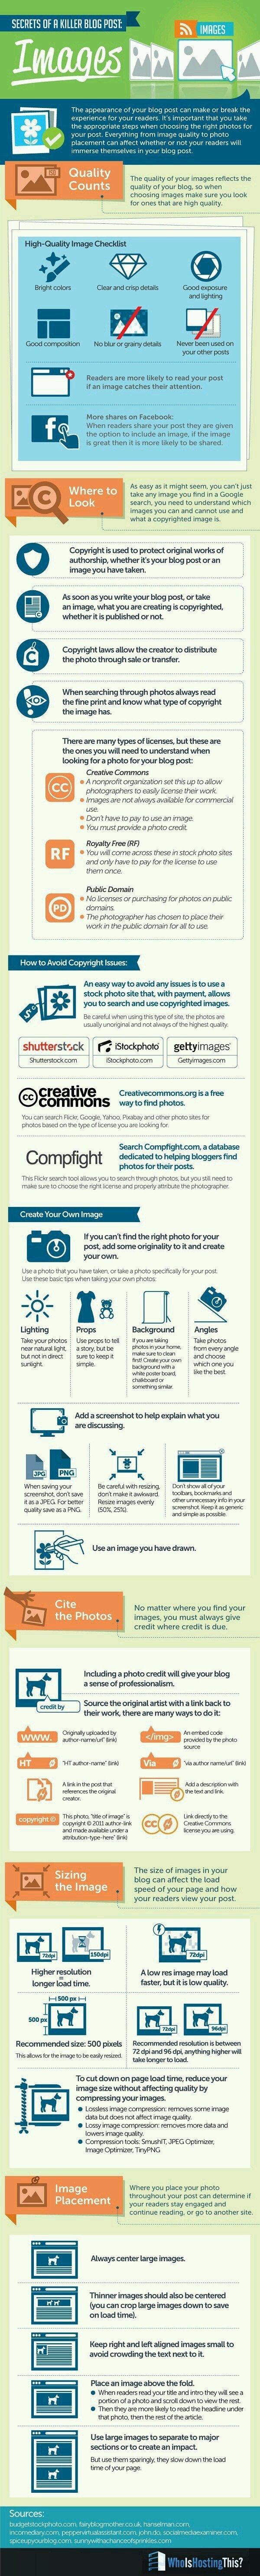 Secrets of a killer blog post: Images #infographic